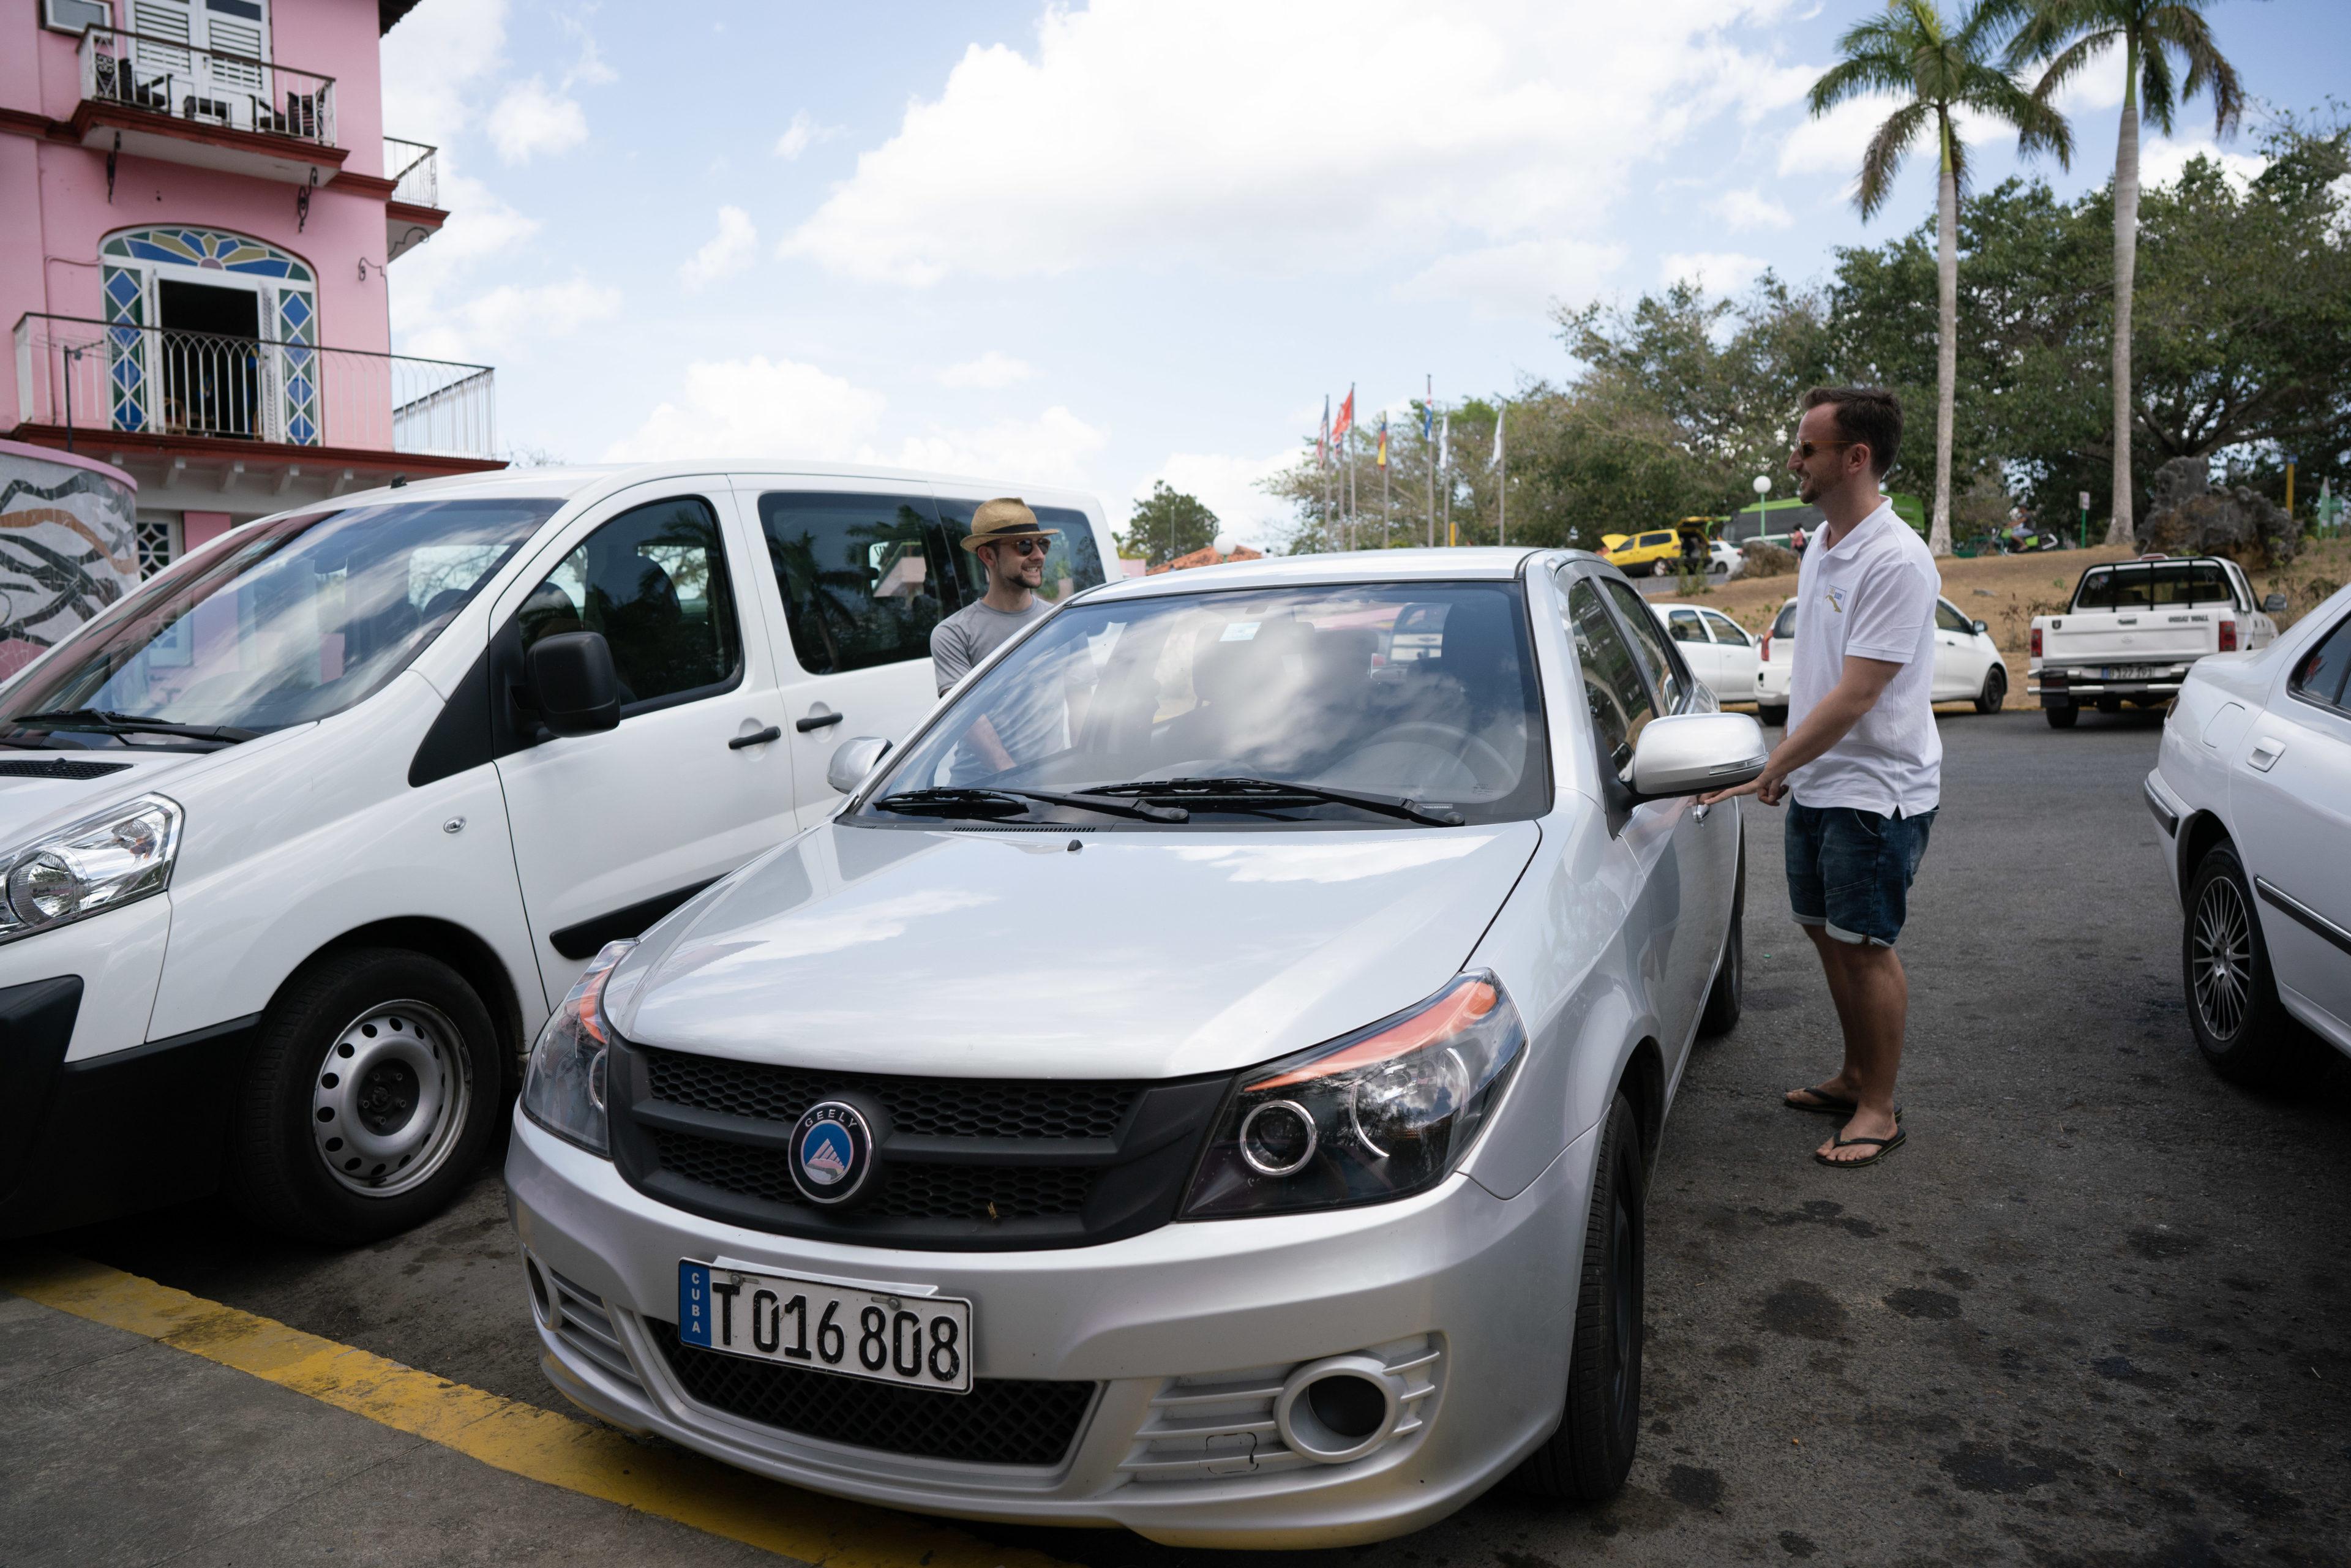 Zwei Kuba-Reisende öffnen ihren Mietwagen